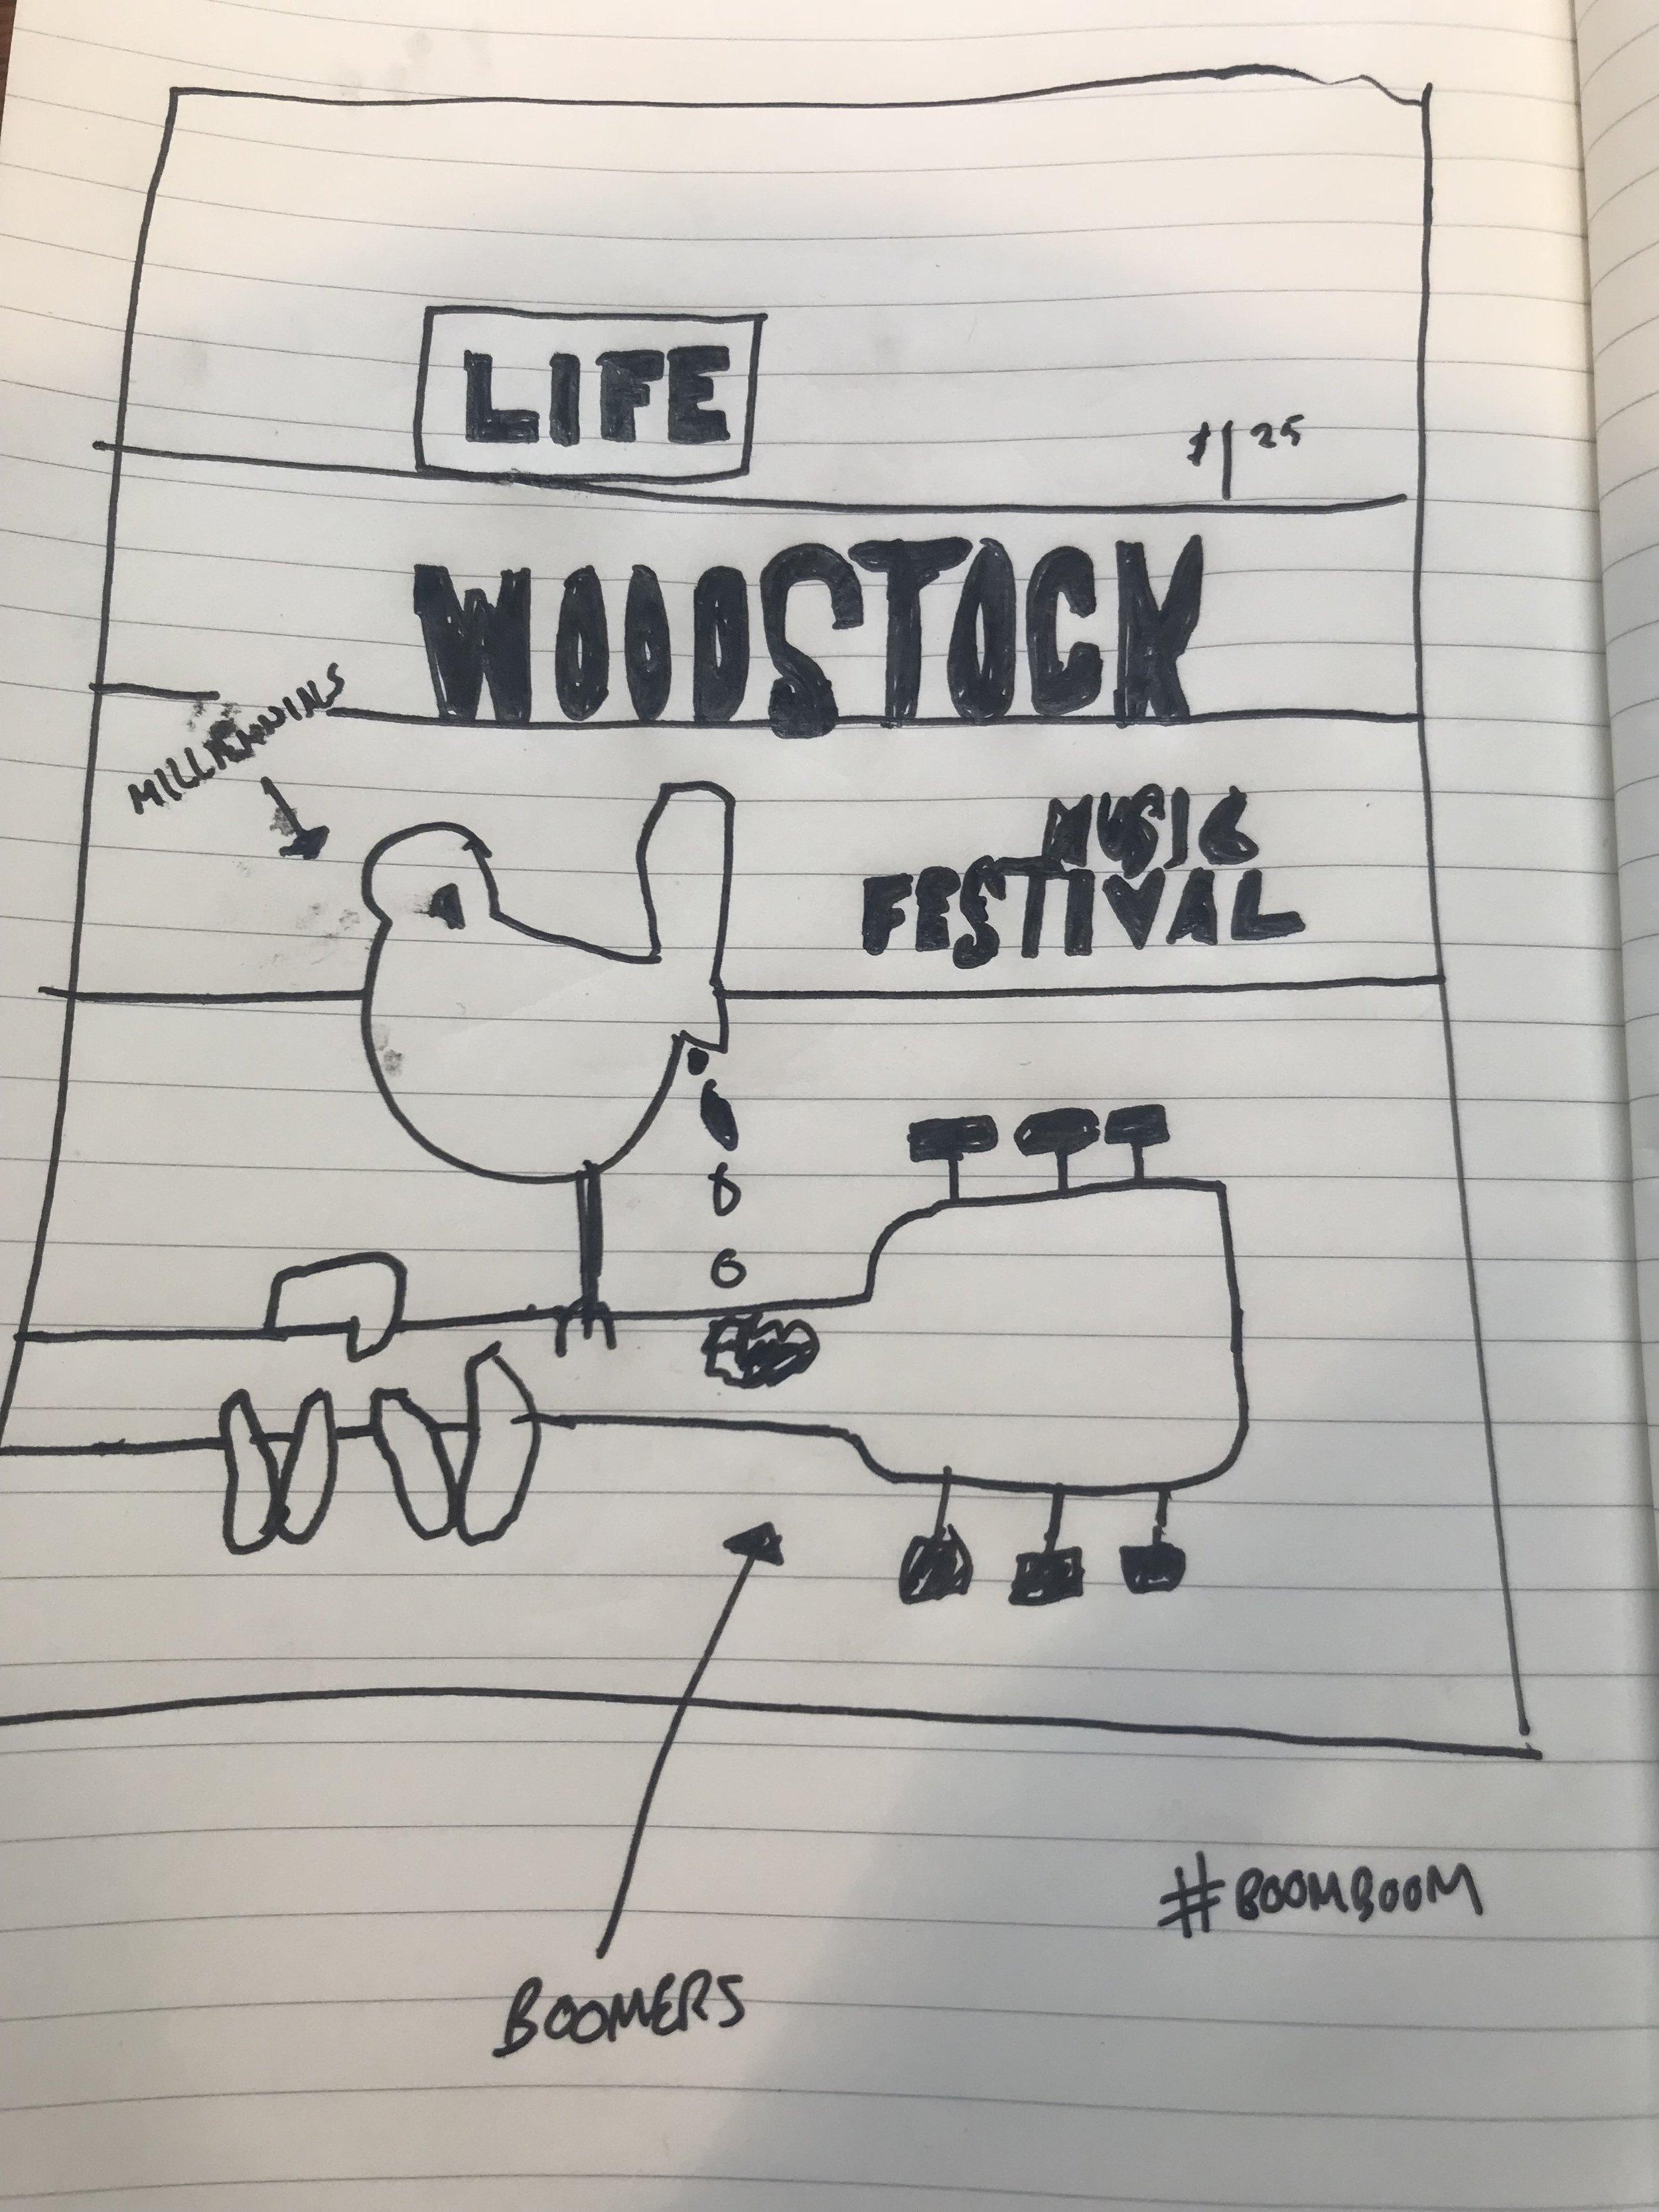 WoodstockBirdPoop.jpg